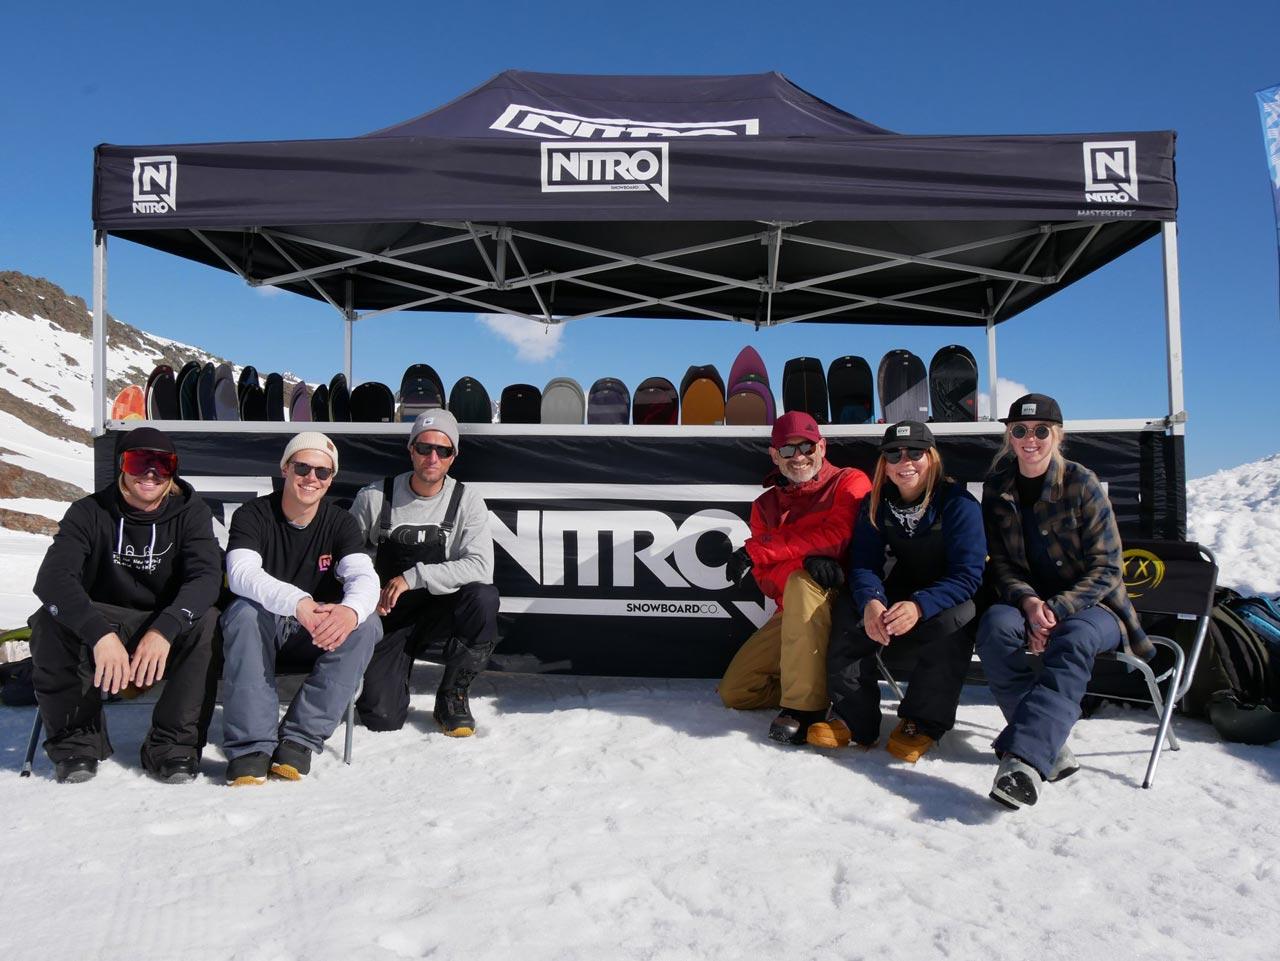 Das Nitro-Team ist ready! Und ihr? |©Nitro